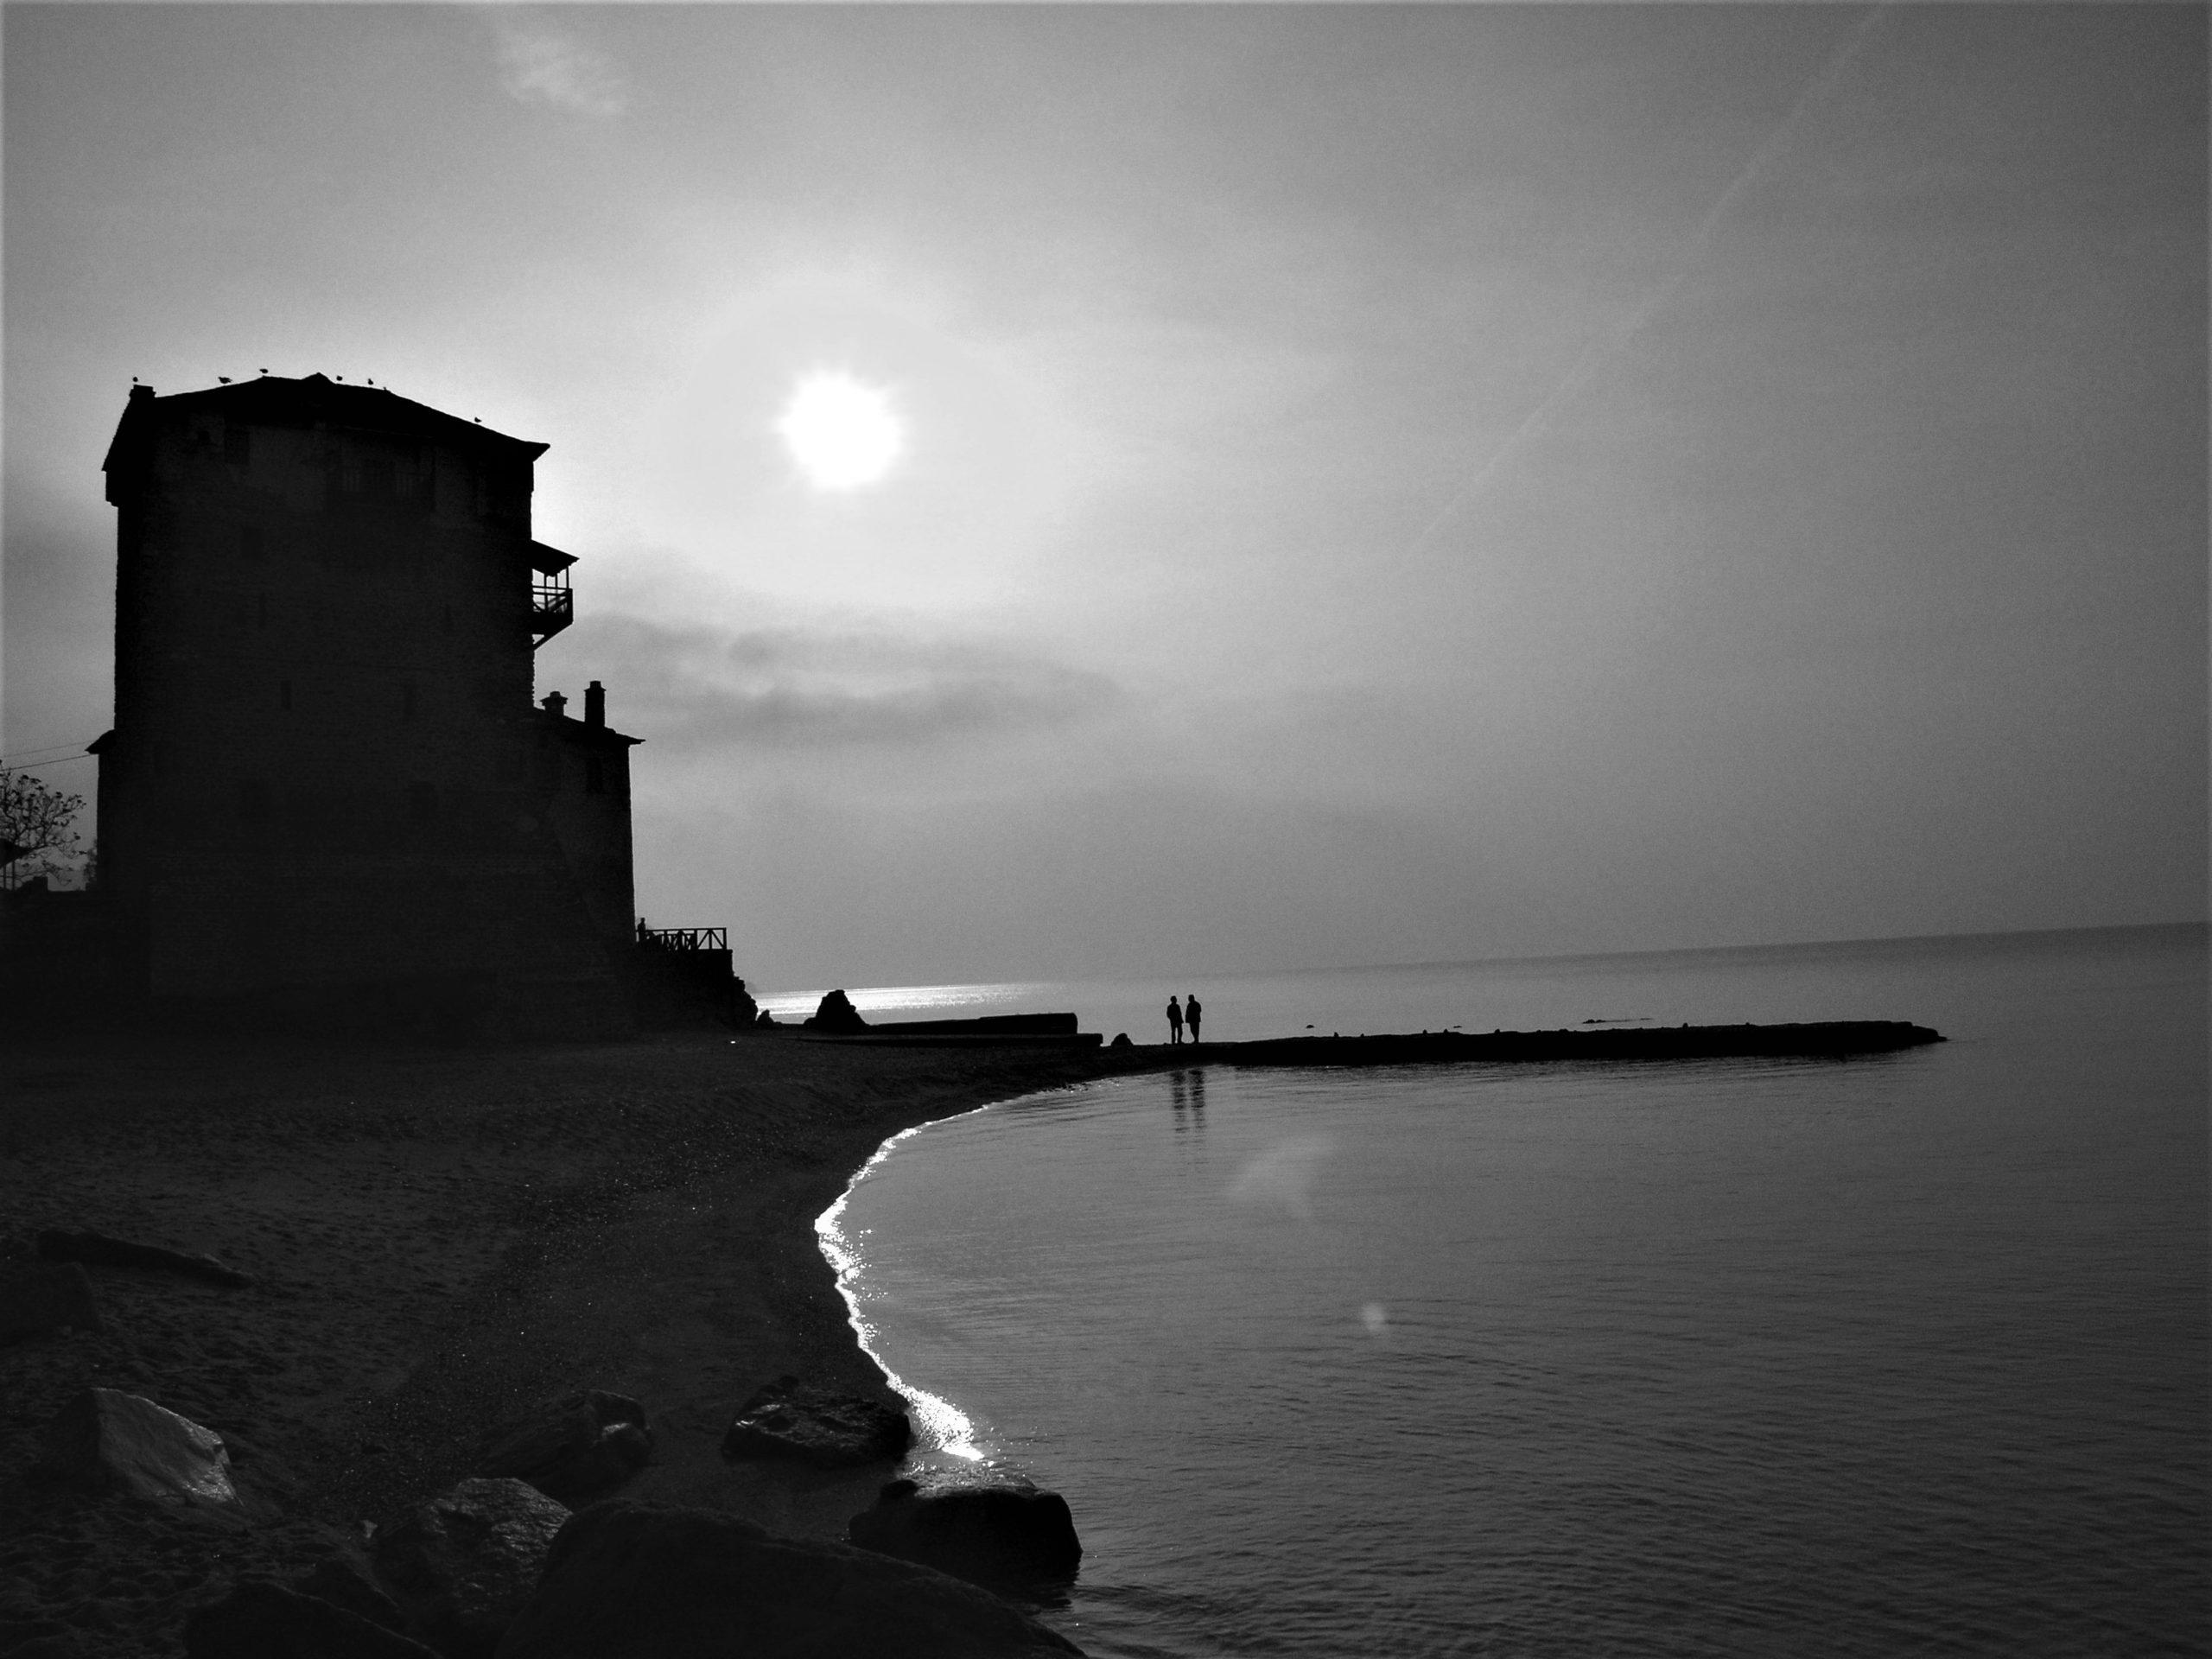 Ουρανούπολη, Άγιο Όρος, Πύργος Προσφορίου, Χαλκιδική, Μακεδονία